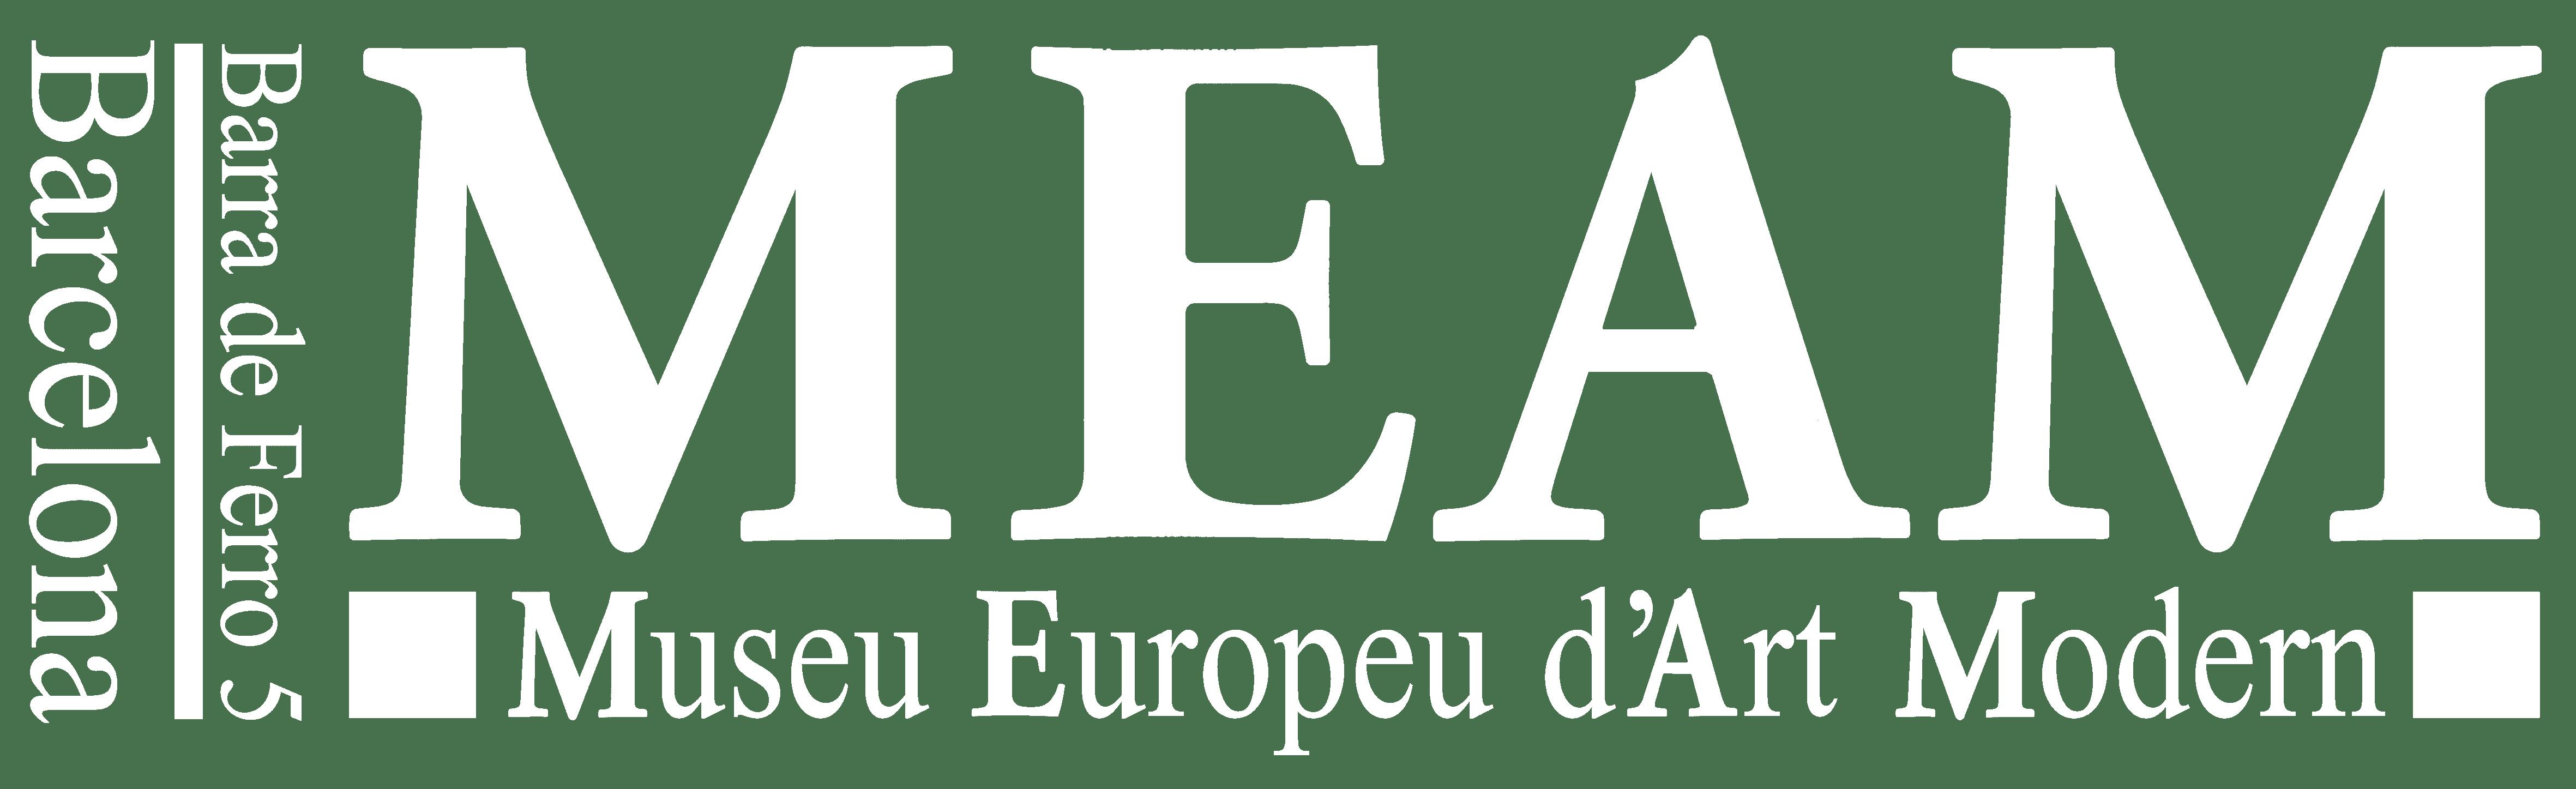 Museum European d'Art Modern